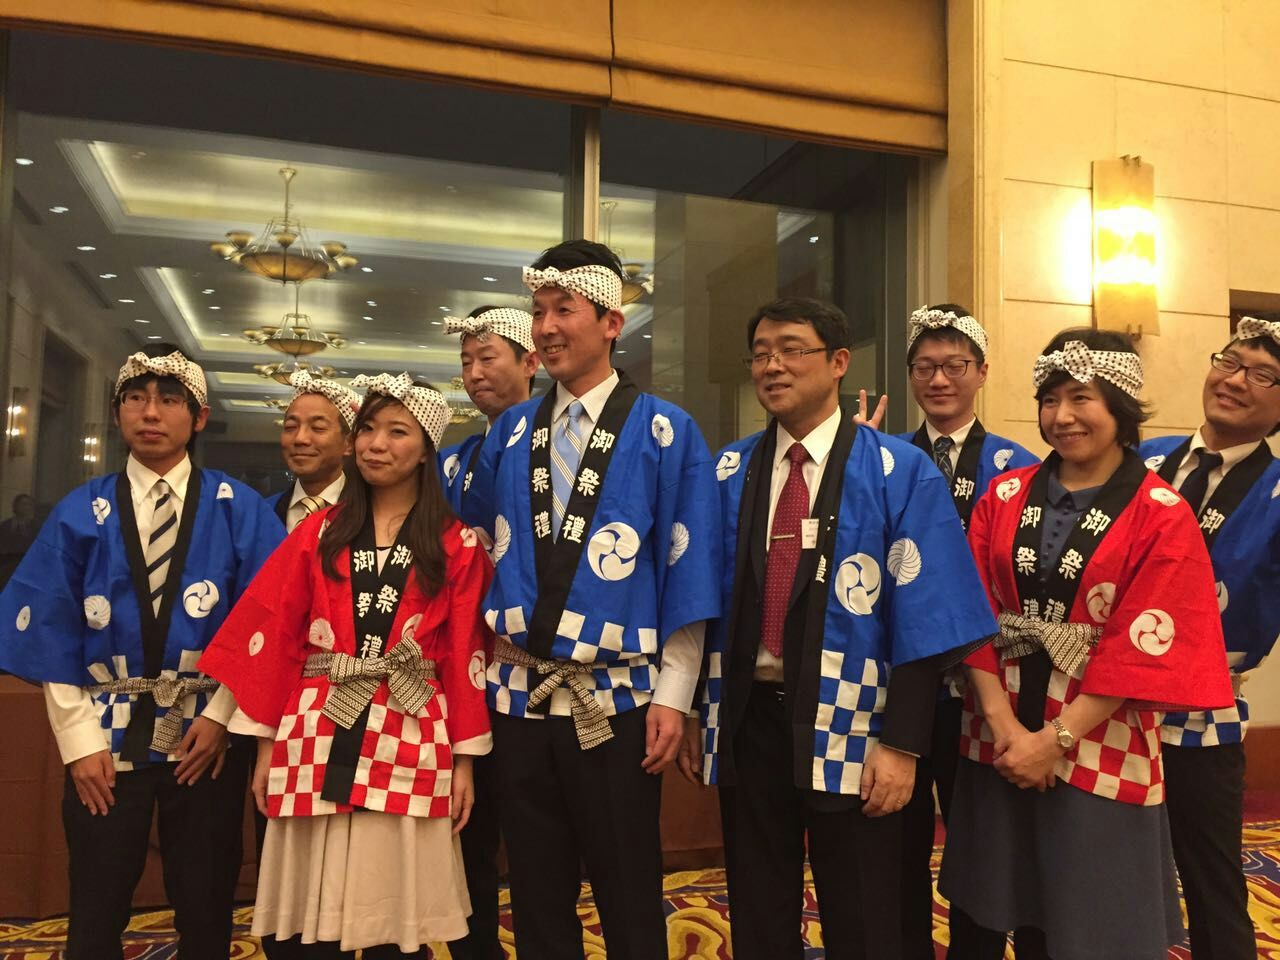 2016年11月4日東京都日中友好訪問団 北京で交流を深める